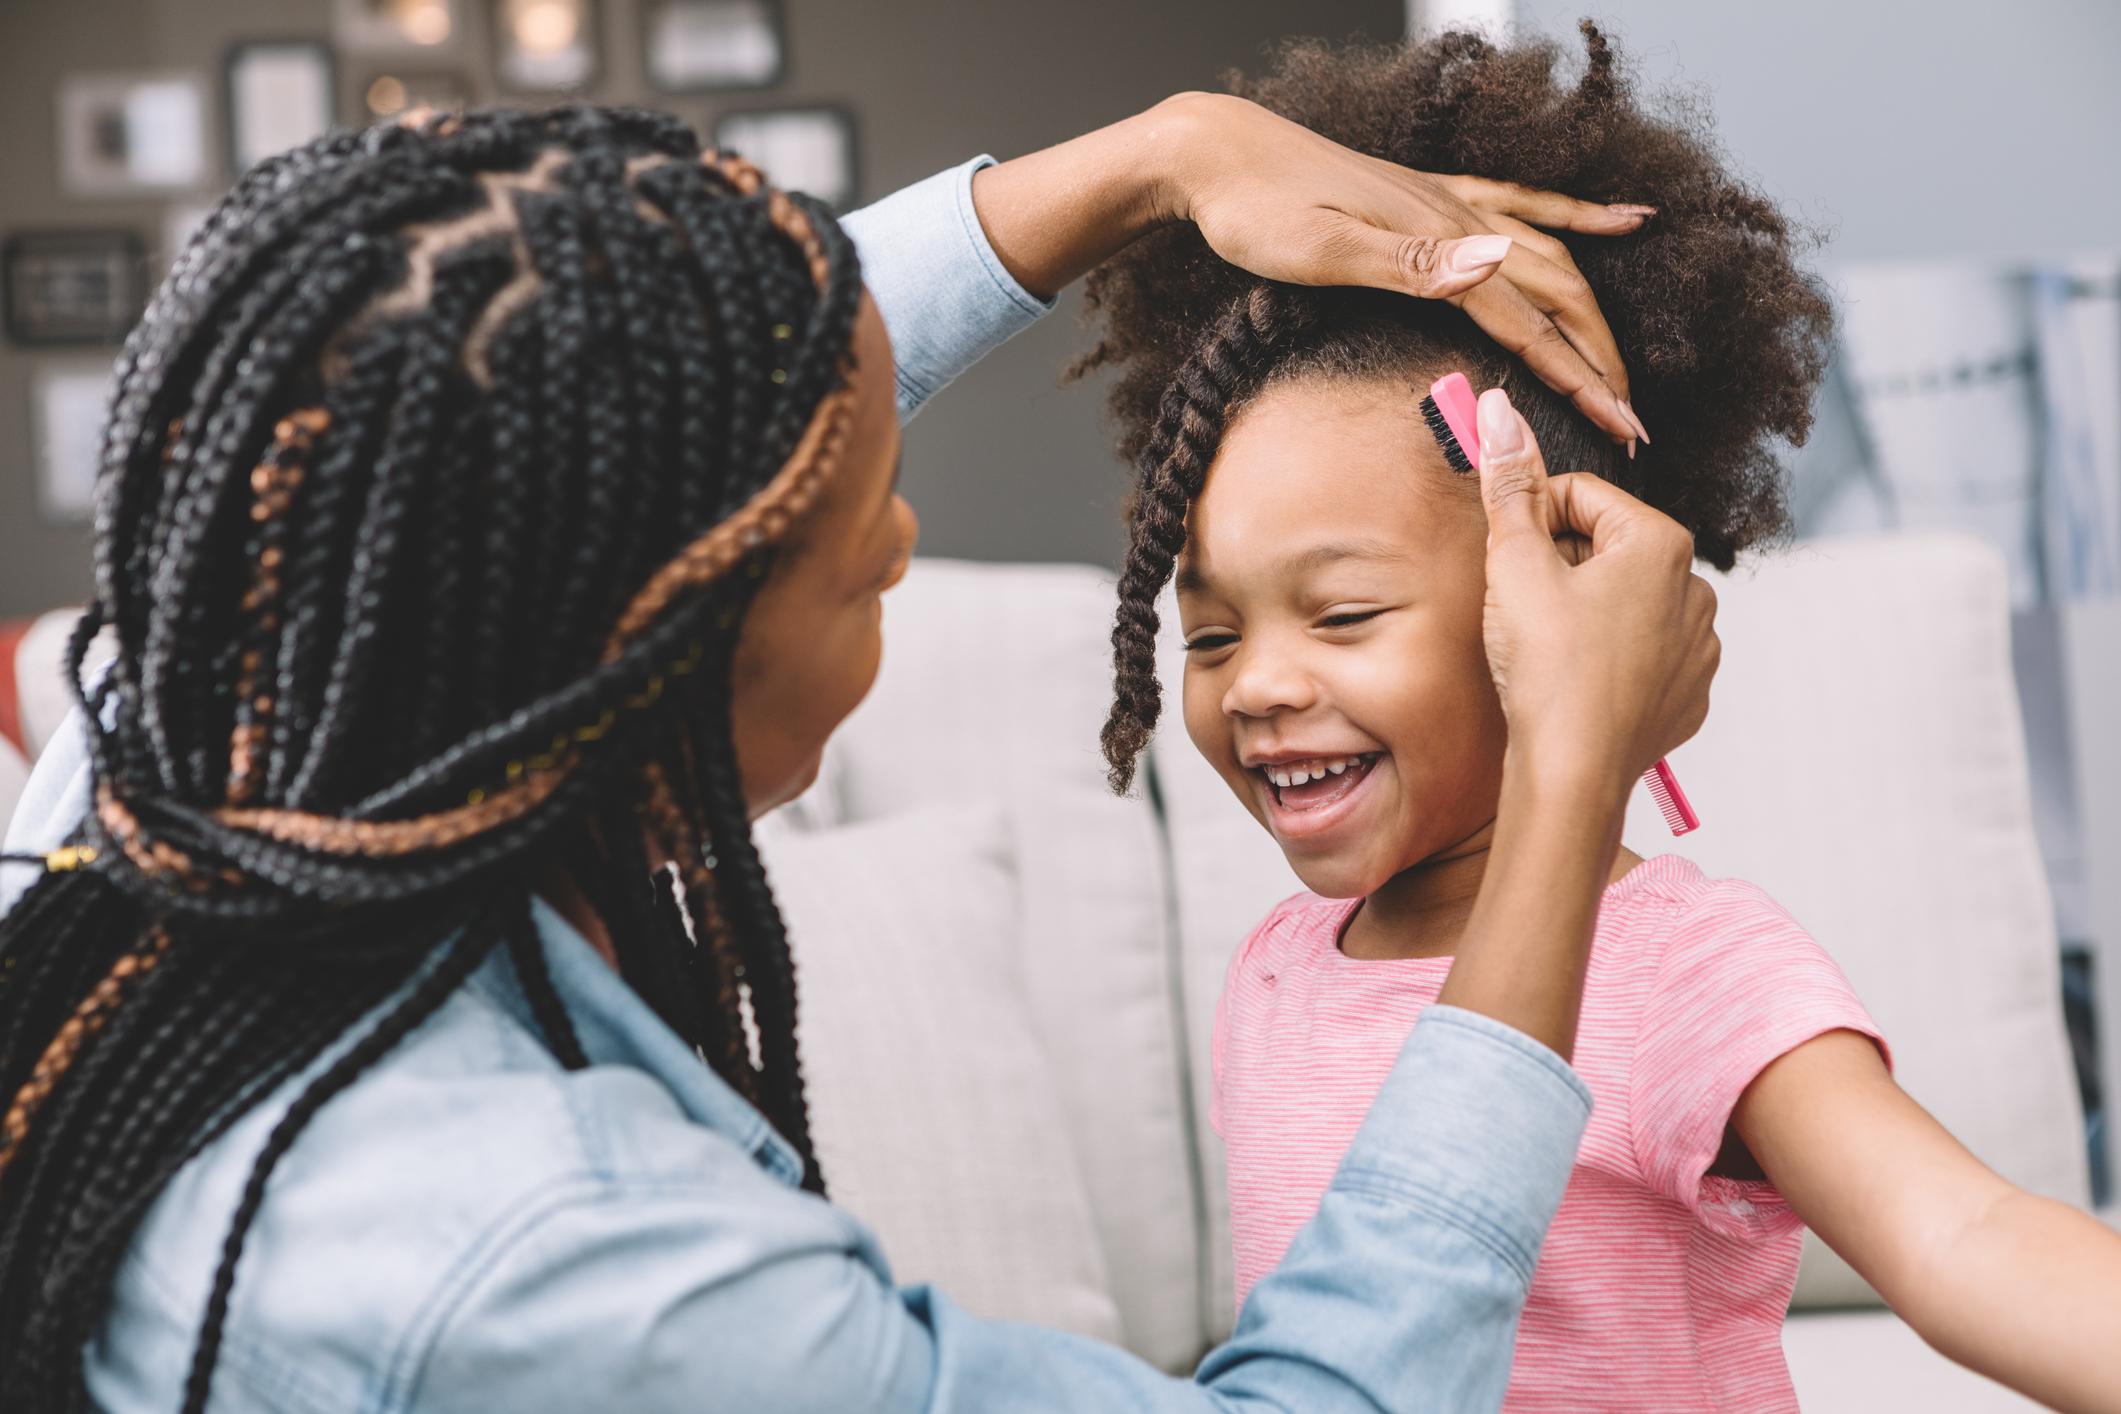 Crianças com cabelo crespo